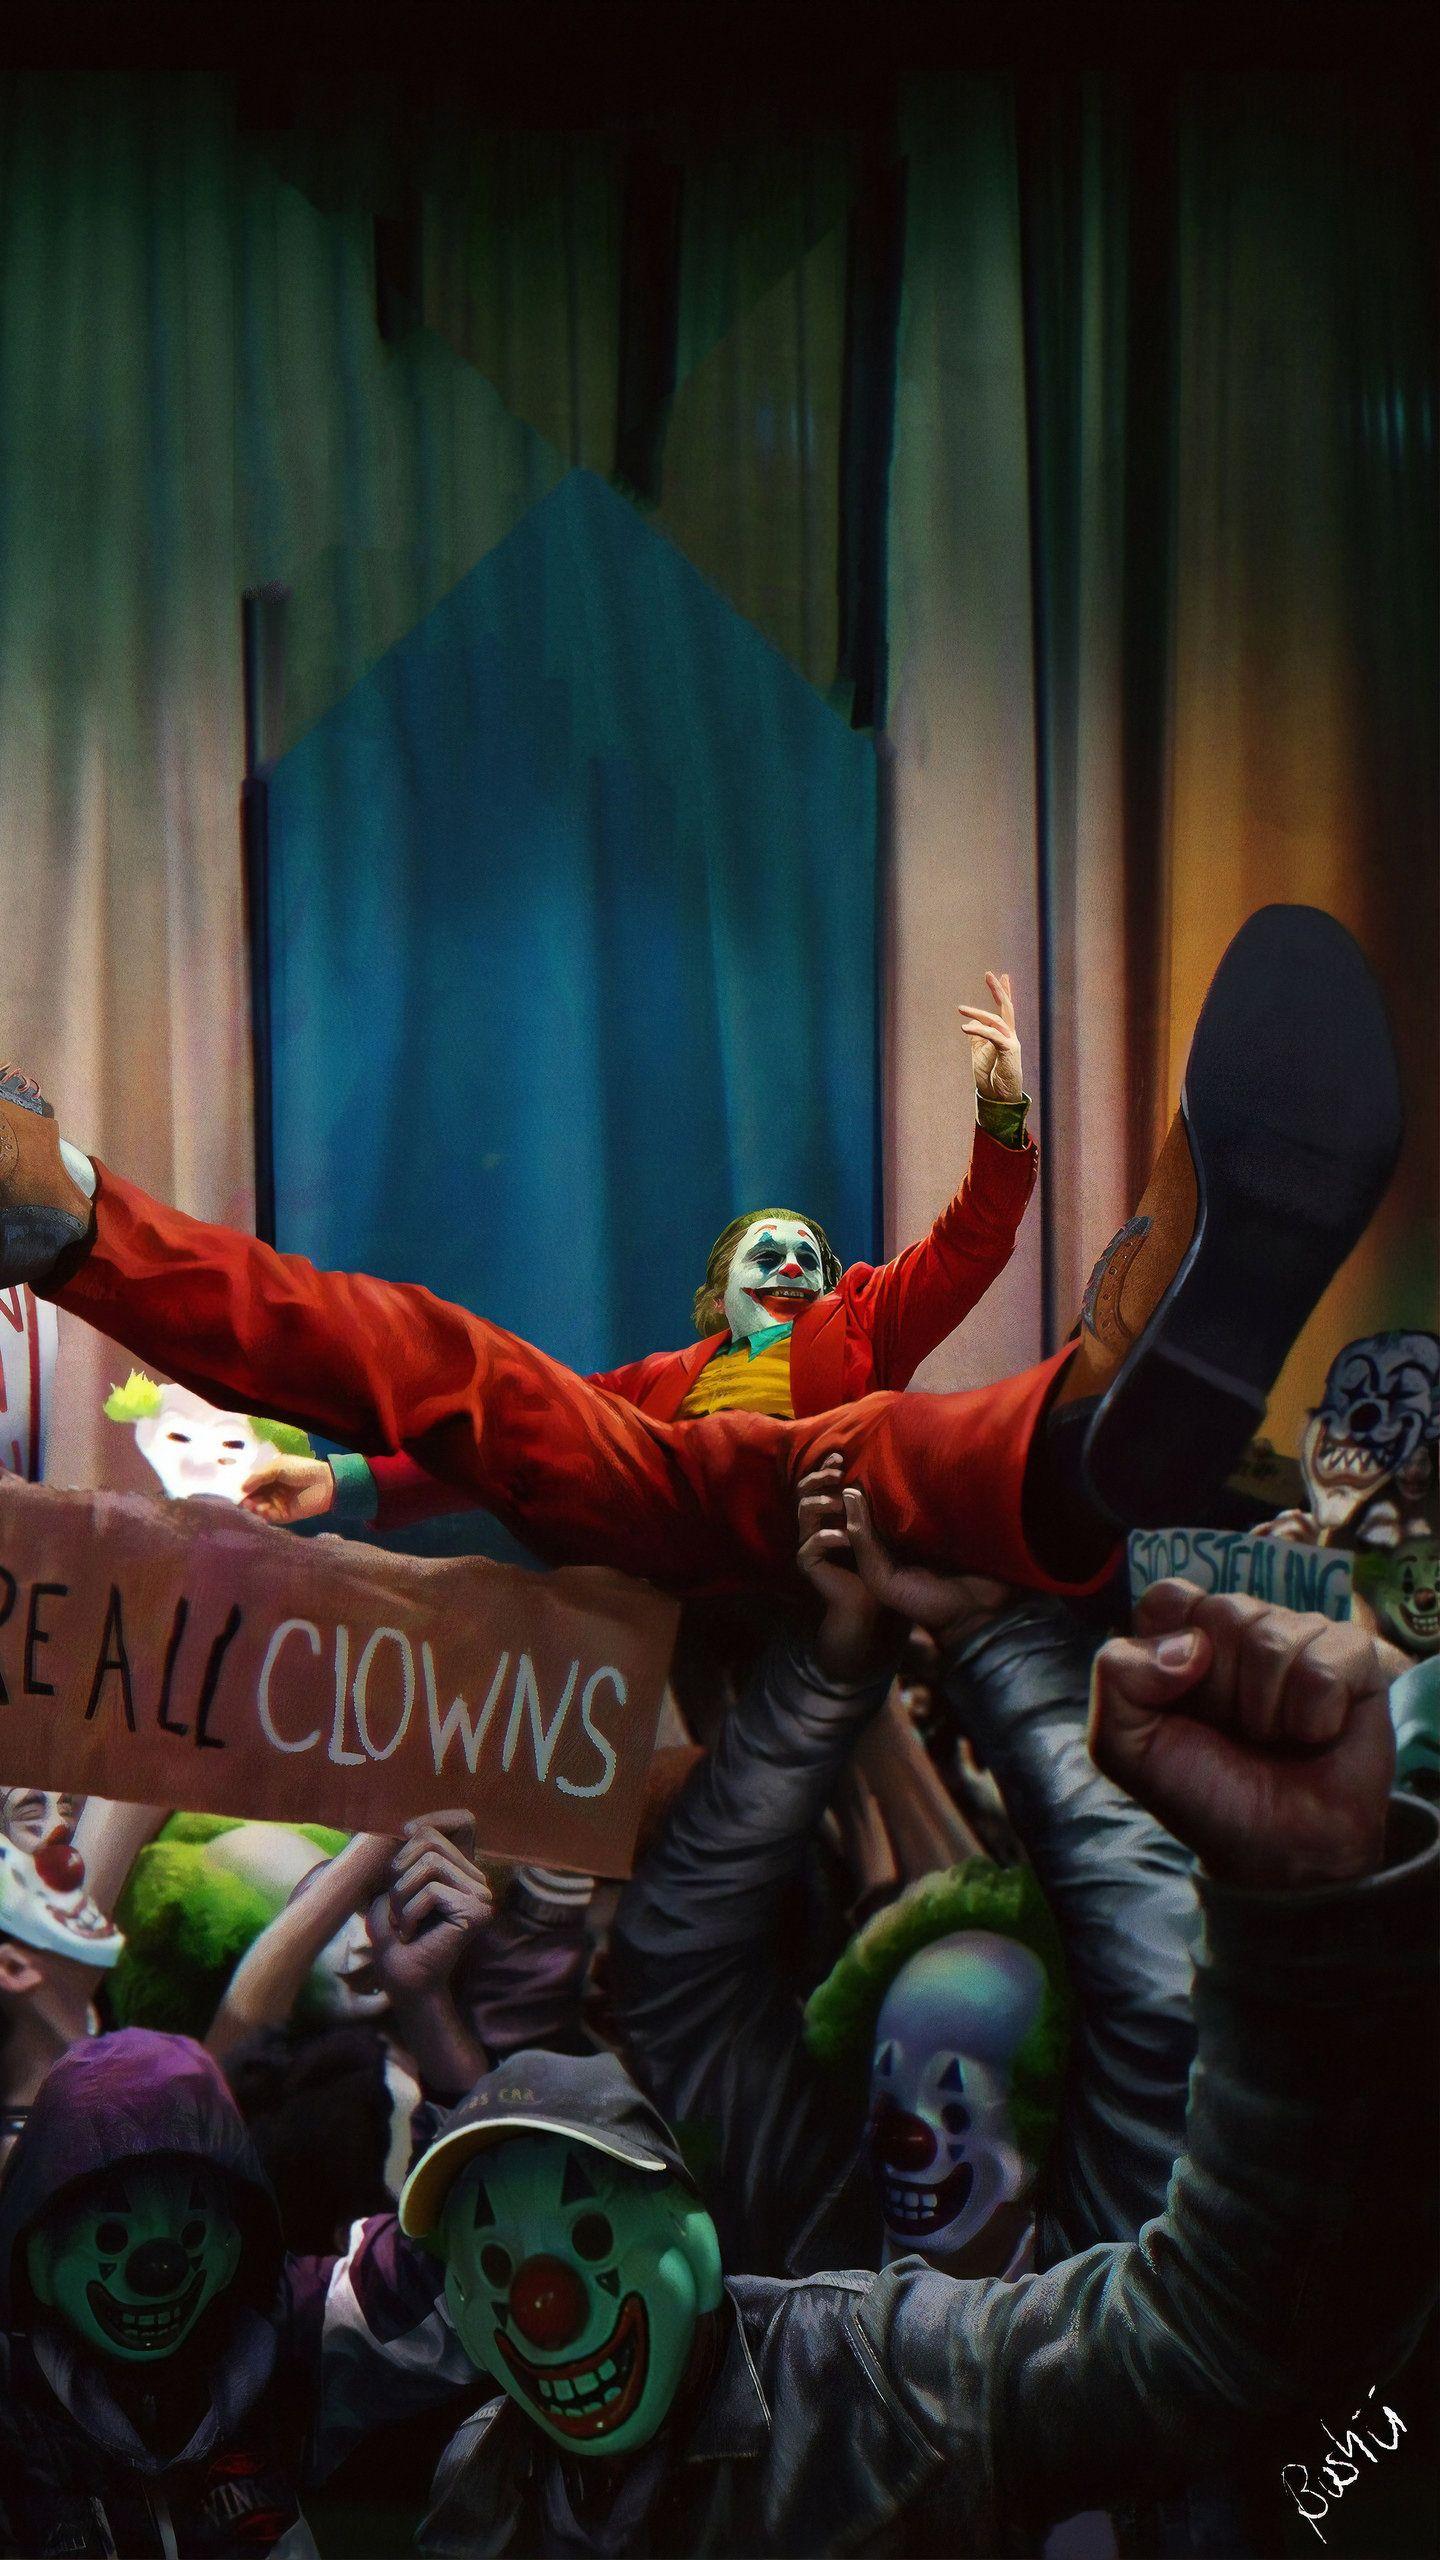 4k Joker Clowns Hd Superheroes Wallpapers Photos And Pictures Id 43810 Joker Clown Joker Poster Joker Photos